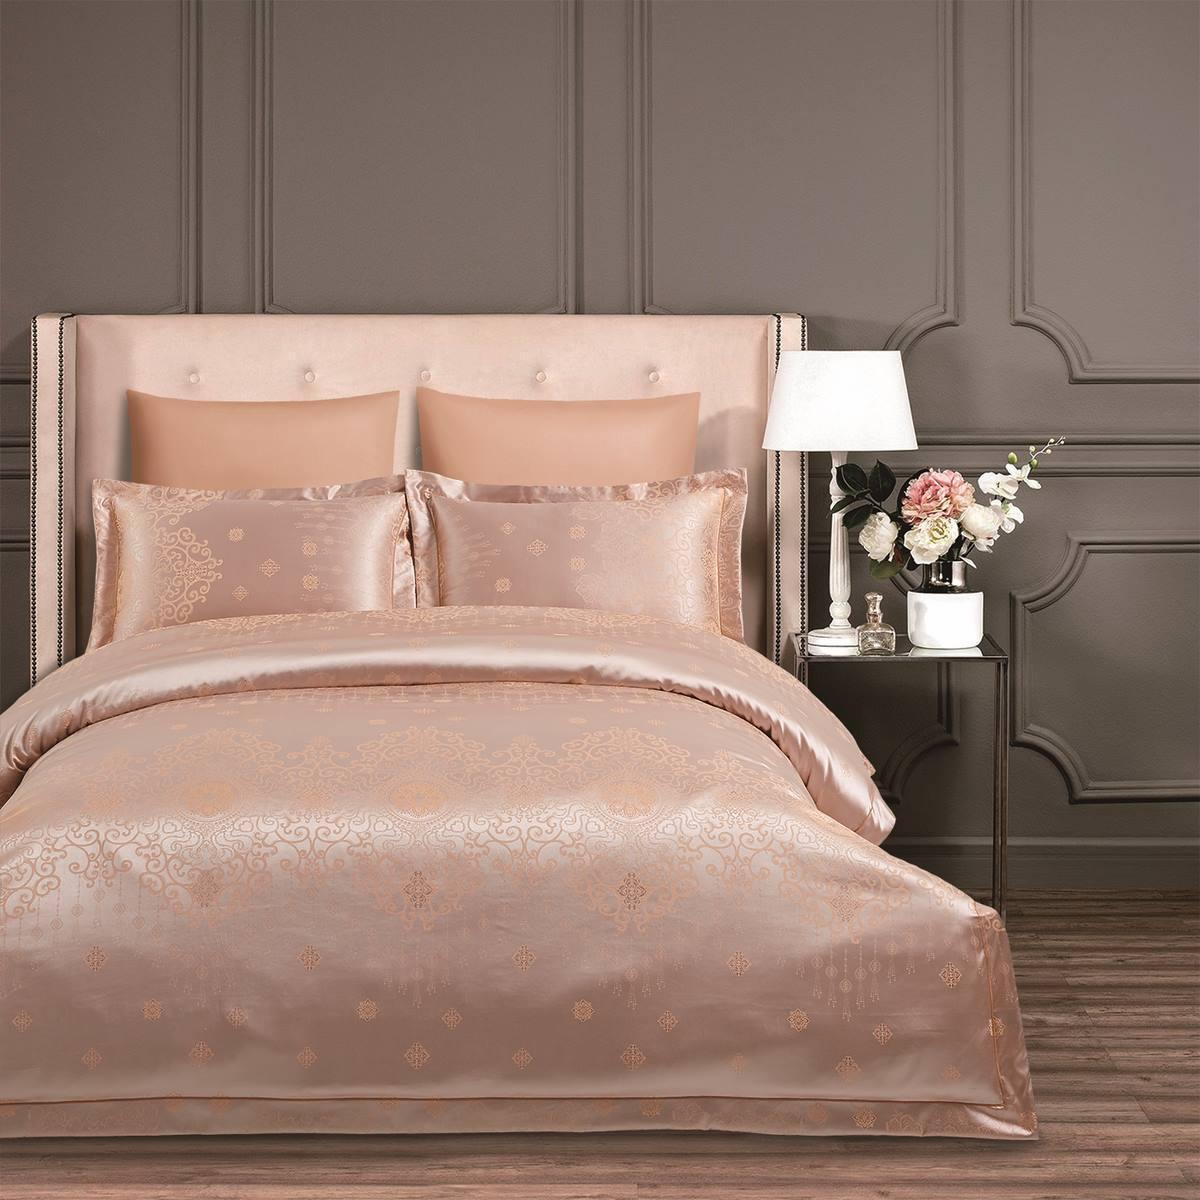 Комплект постельного белья Arya Sensibility семейный сатин-жаккард Celia арт.TR1004135